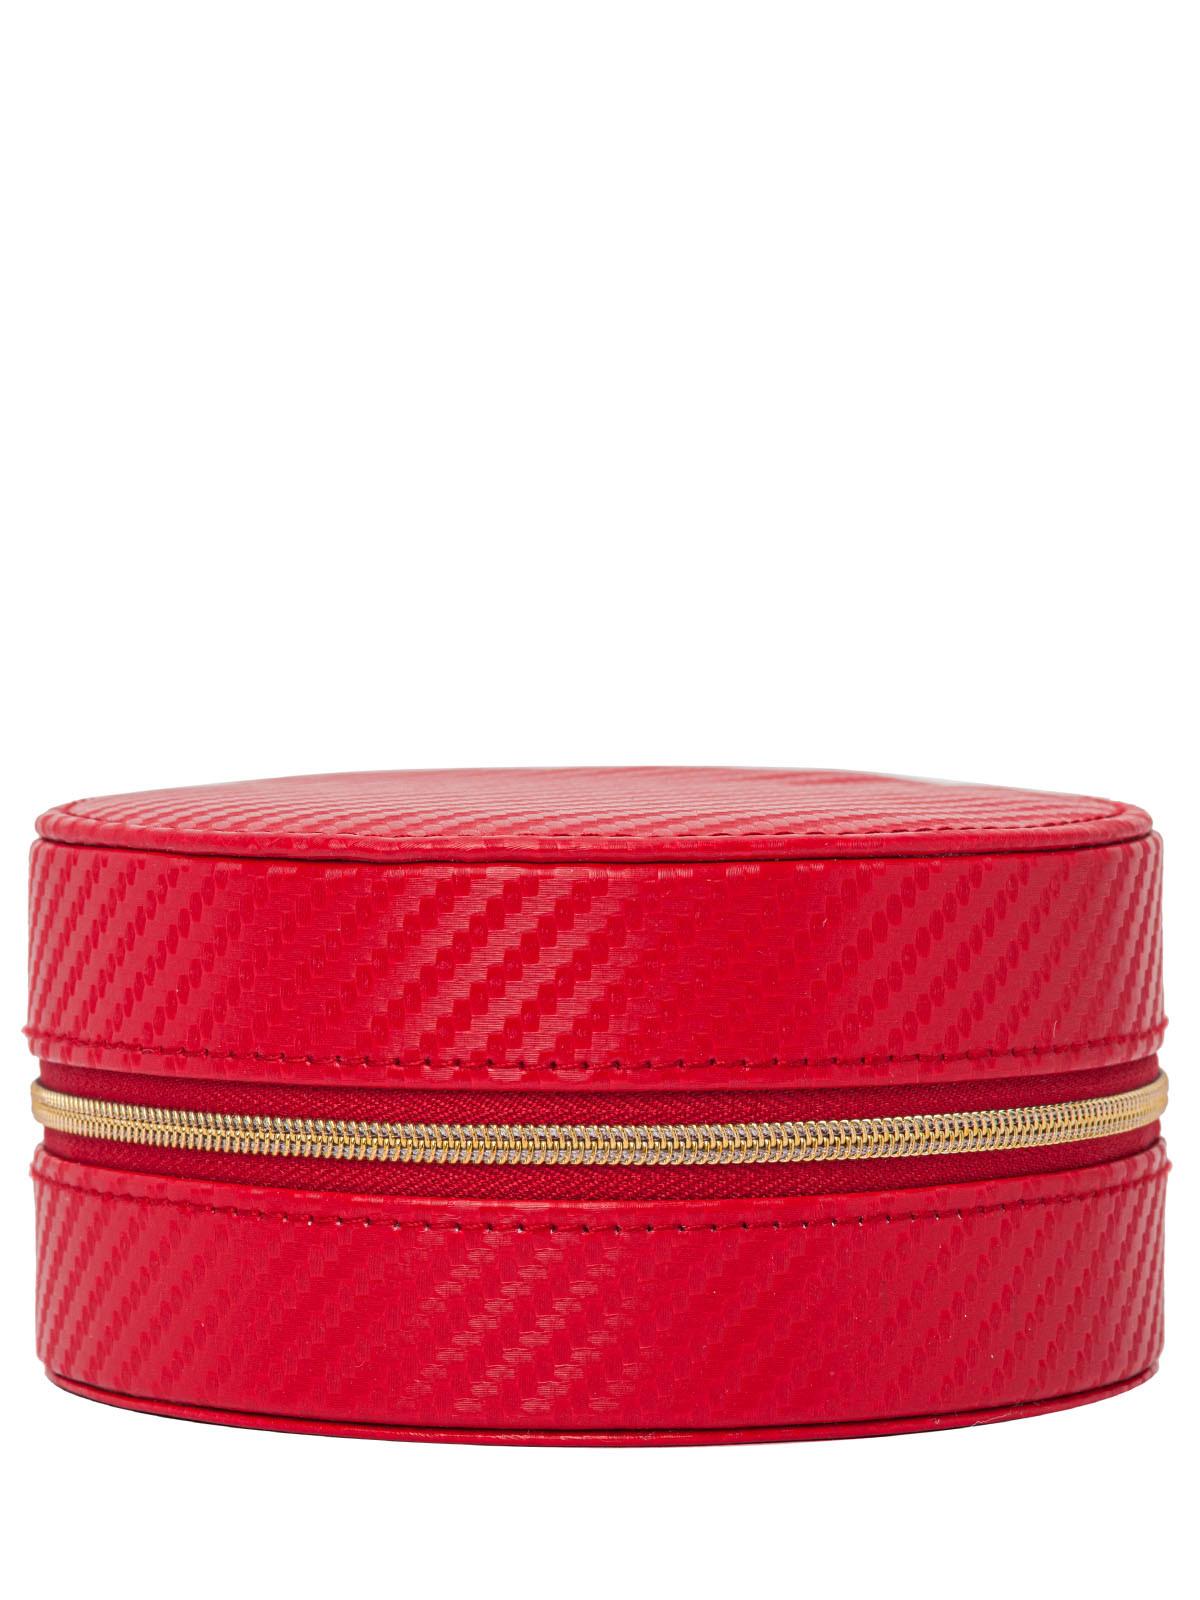 Шкатулка для украшений S-654-R красный